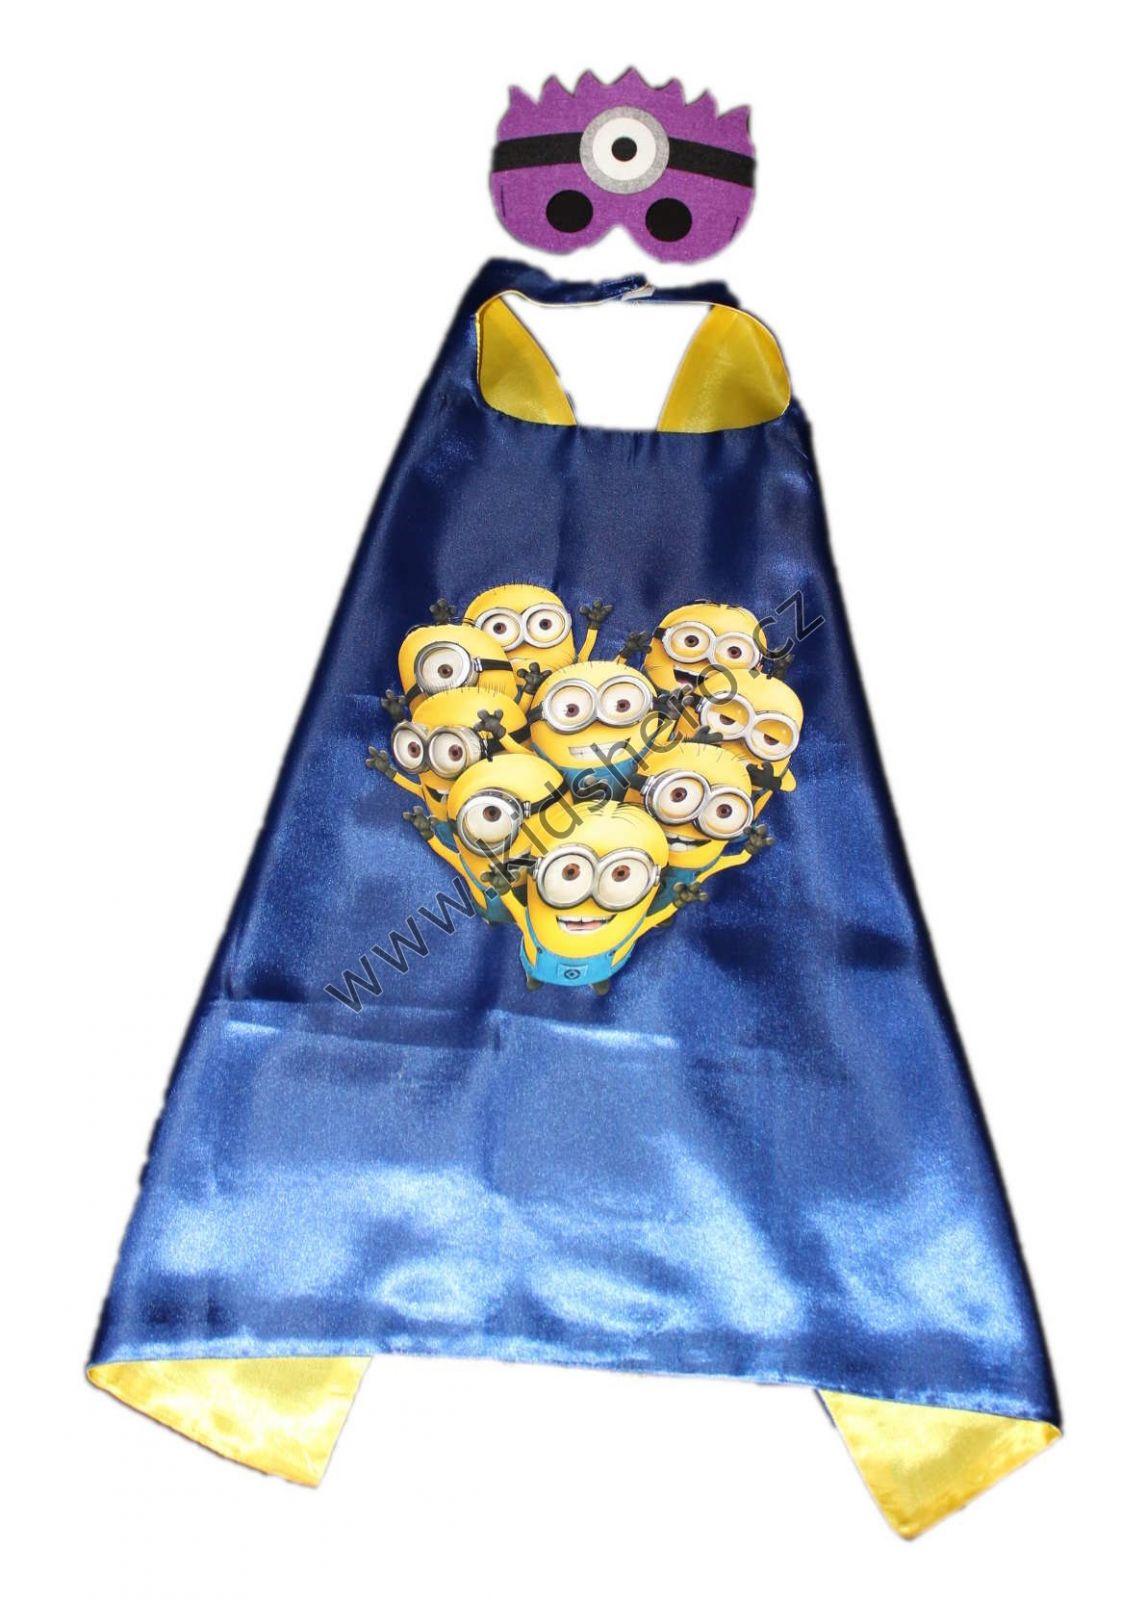 Dětský plášť s maskou MIMONI kostým MIMONI kápě MIMONI s maskou Despicable Me